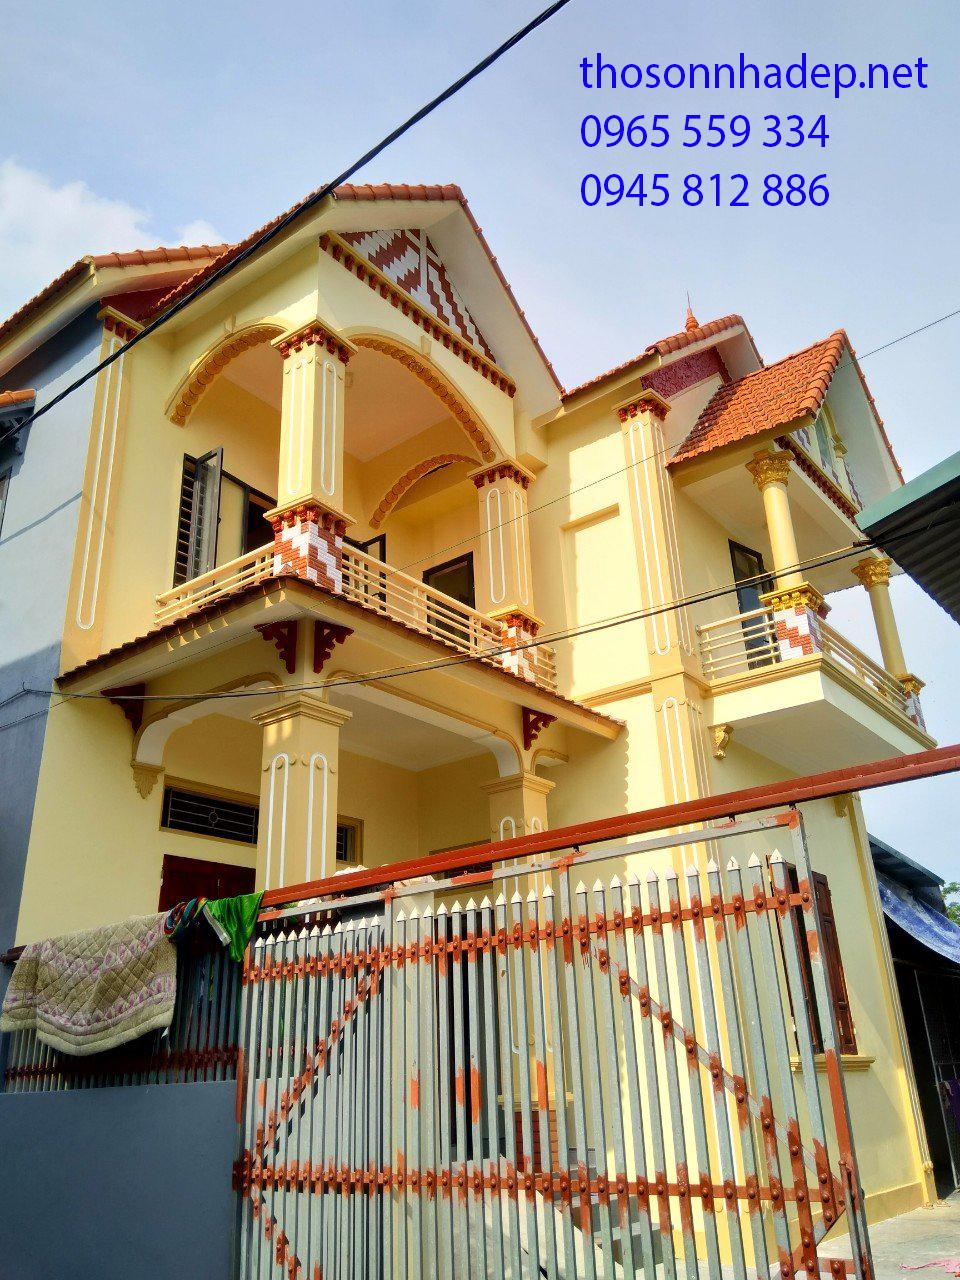 thợ sơn nhà mới ở đây